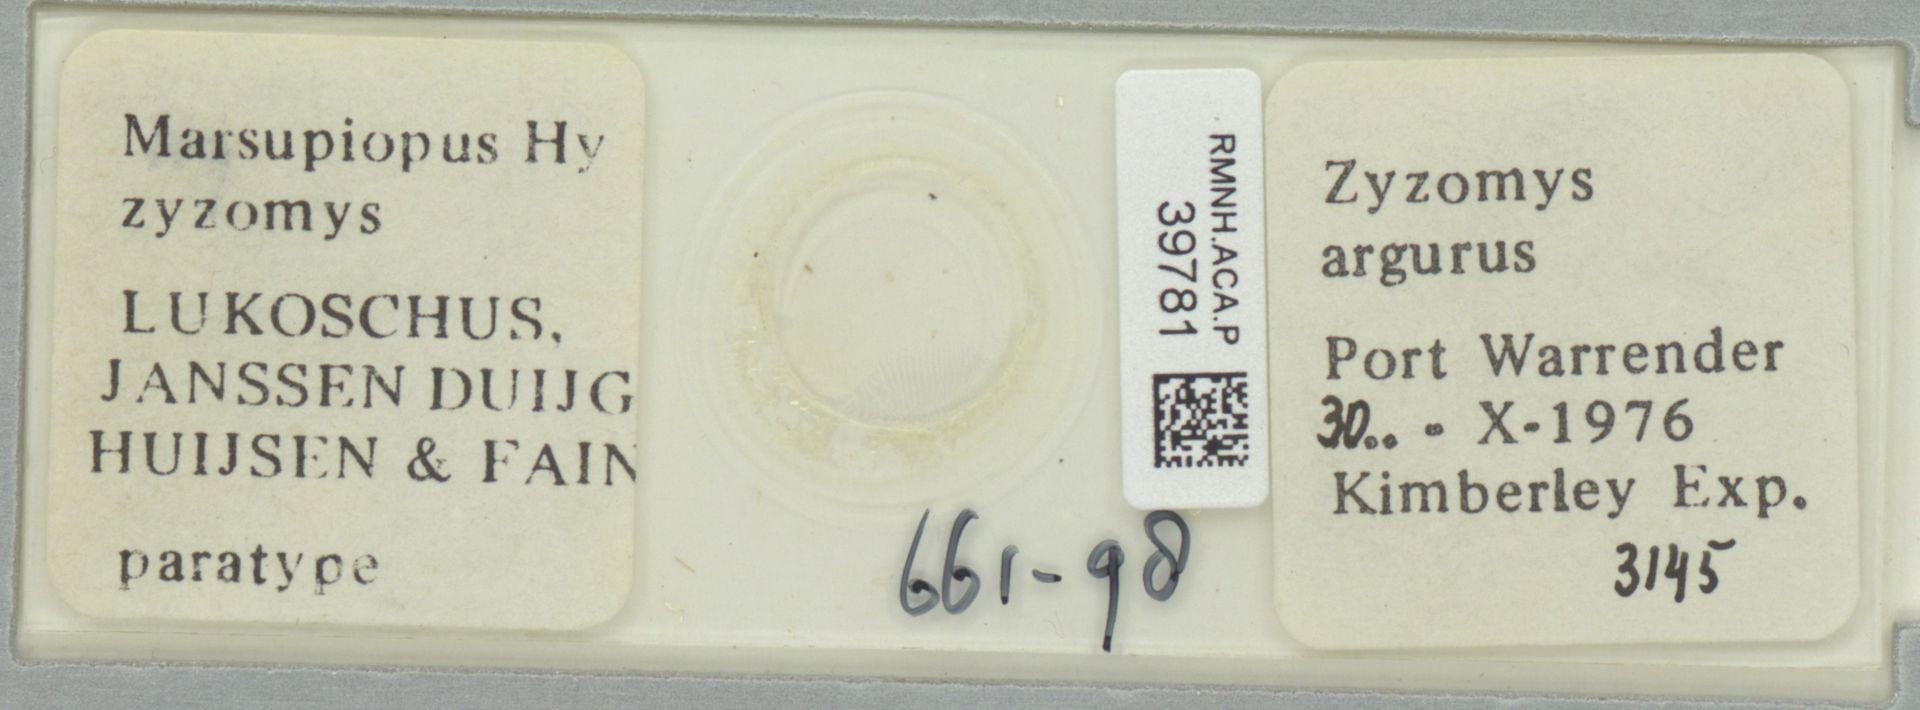 RMNH.ACA.P.39781 | Marsupiopus zyzomys Lukoschus, Janssen, Duijghuijsen & Fain